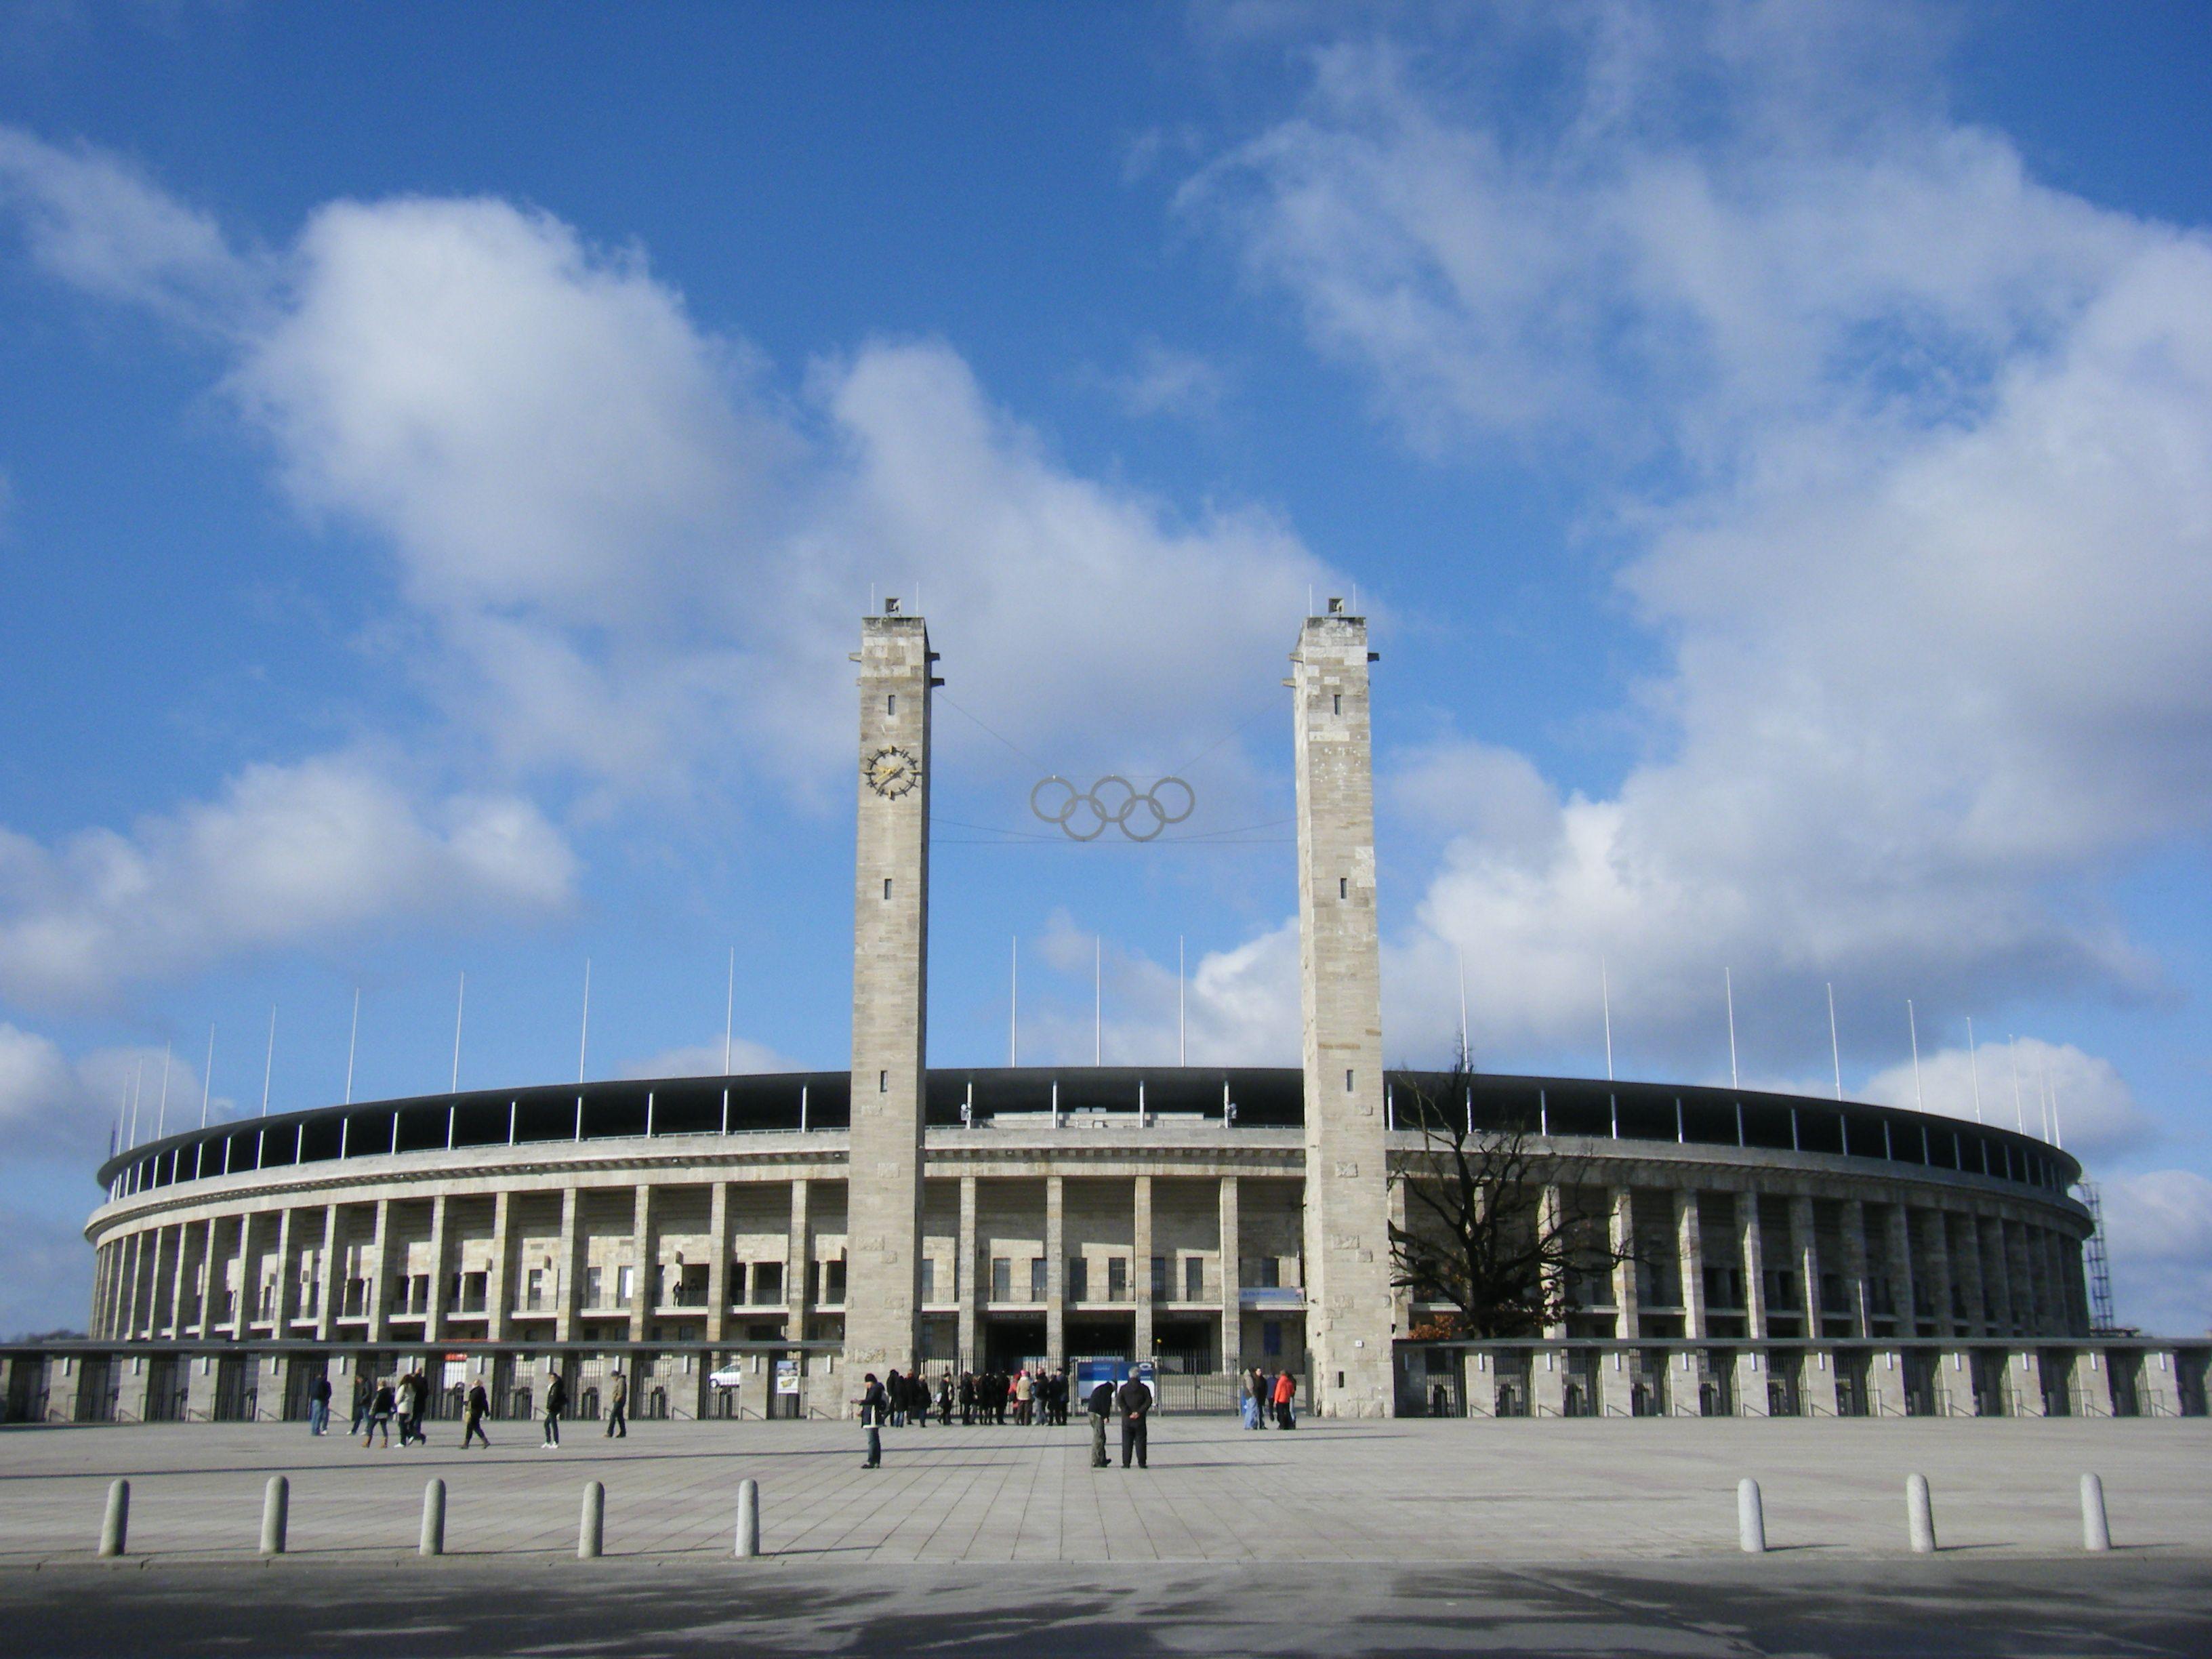 Olympiastadion berlin werner march albert speer 1936 for Architektur 3 reich